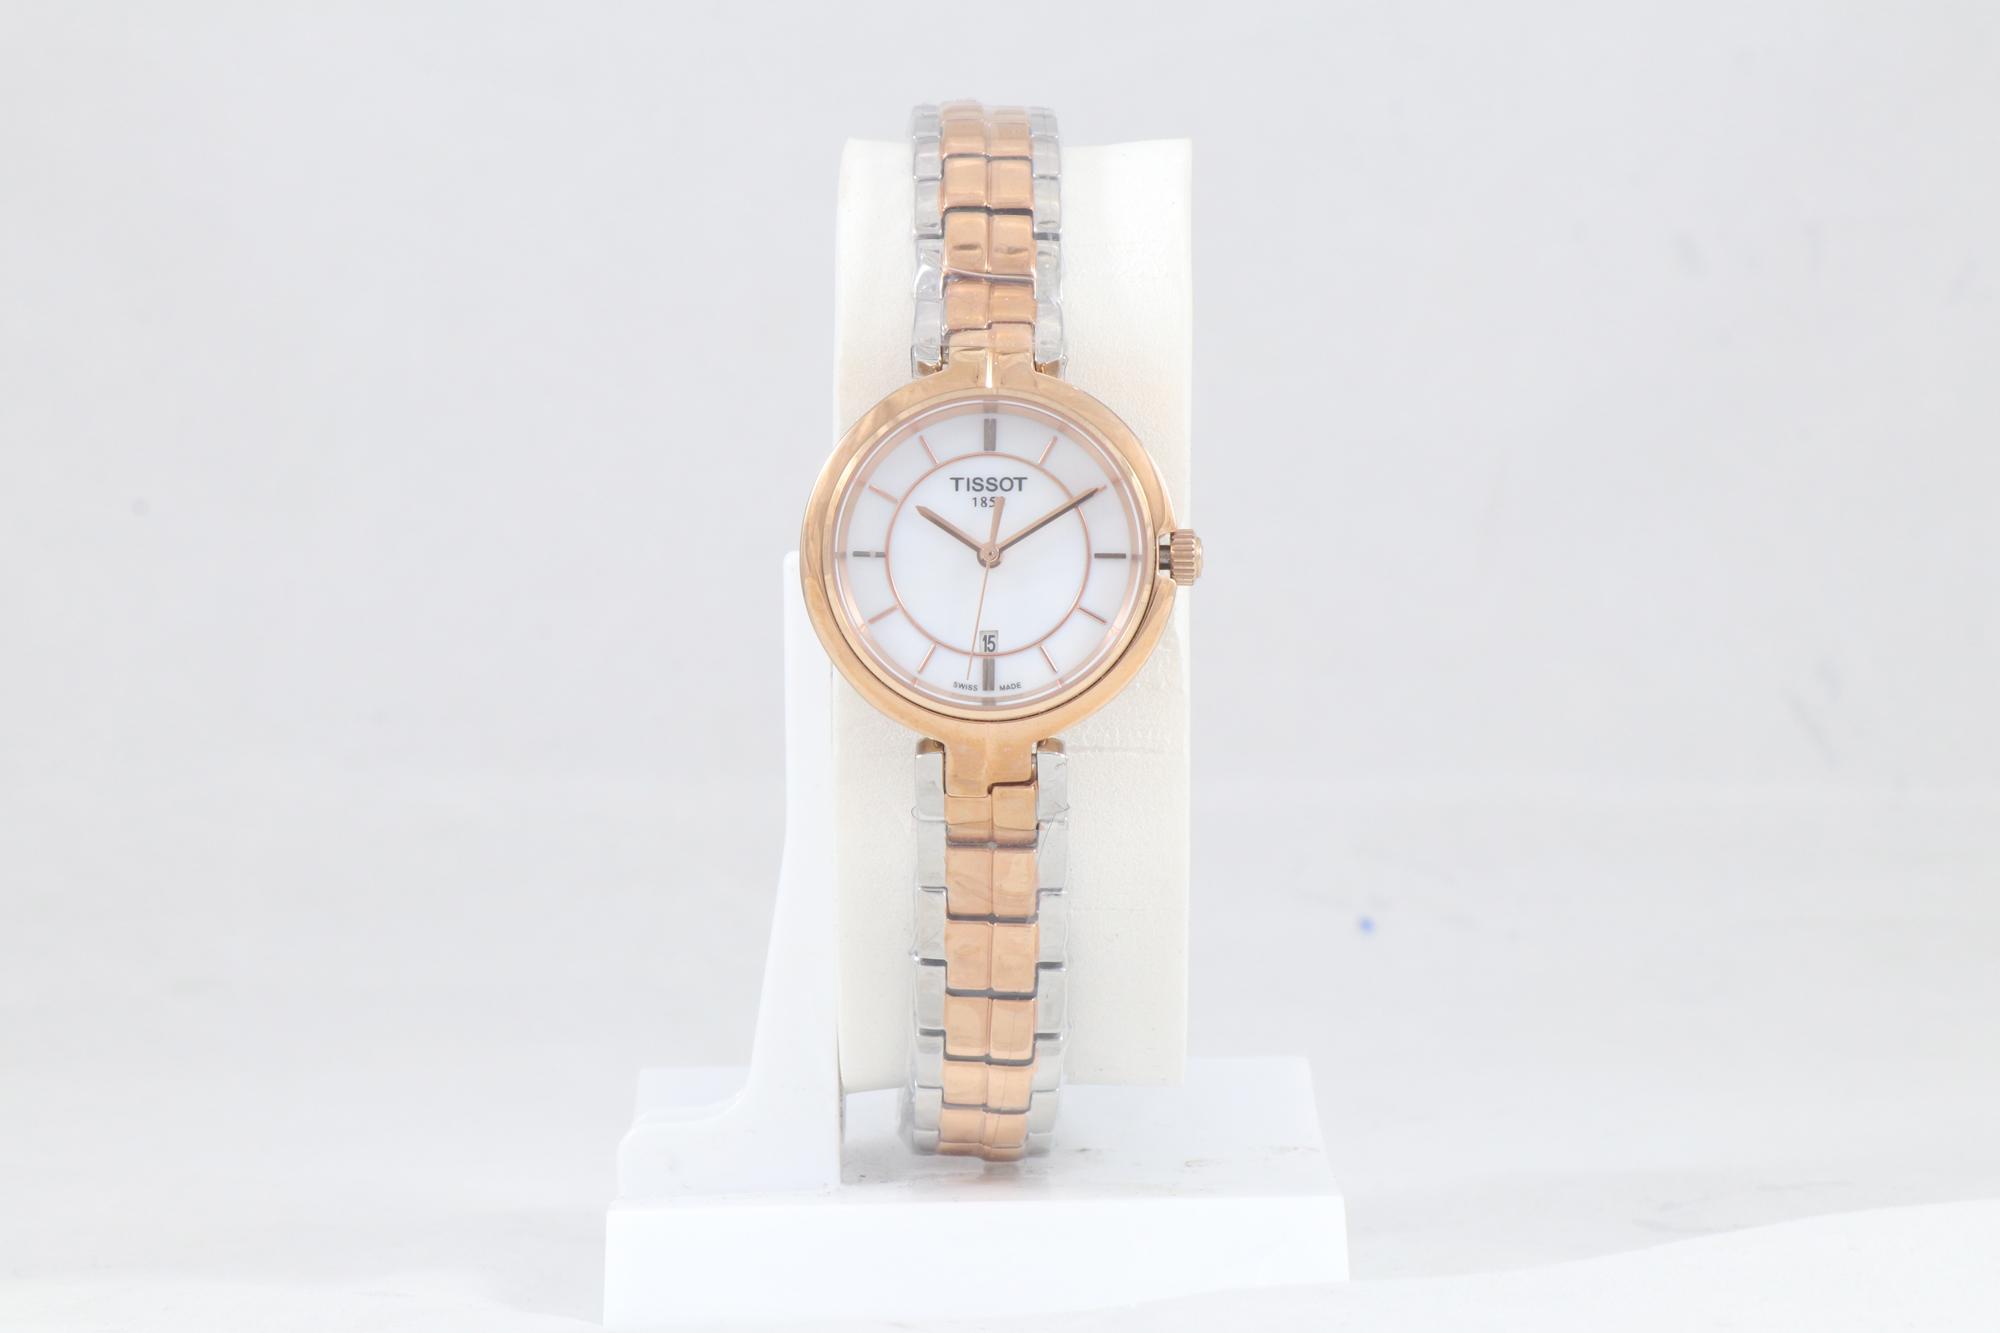 ساعت مچی عقربه ای زنانه تیسوت مدل T094210